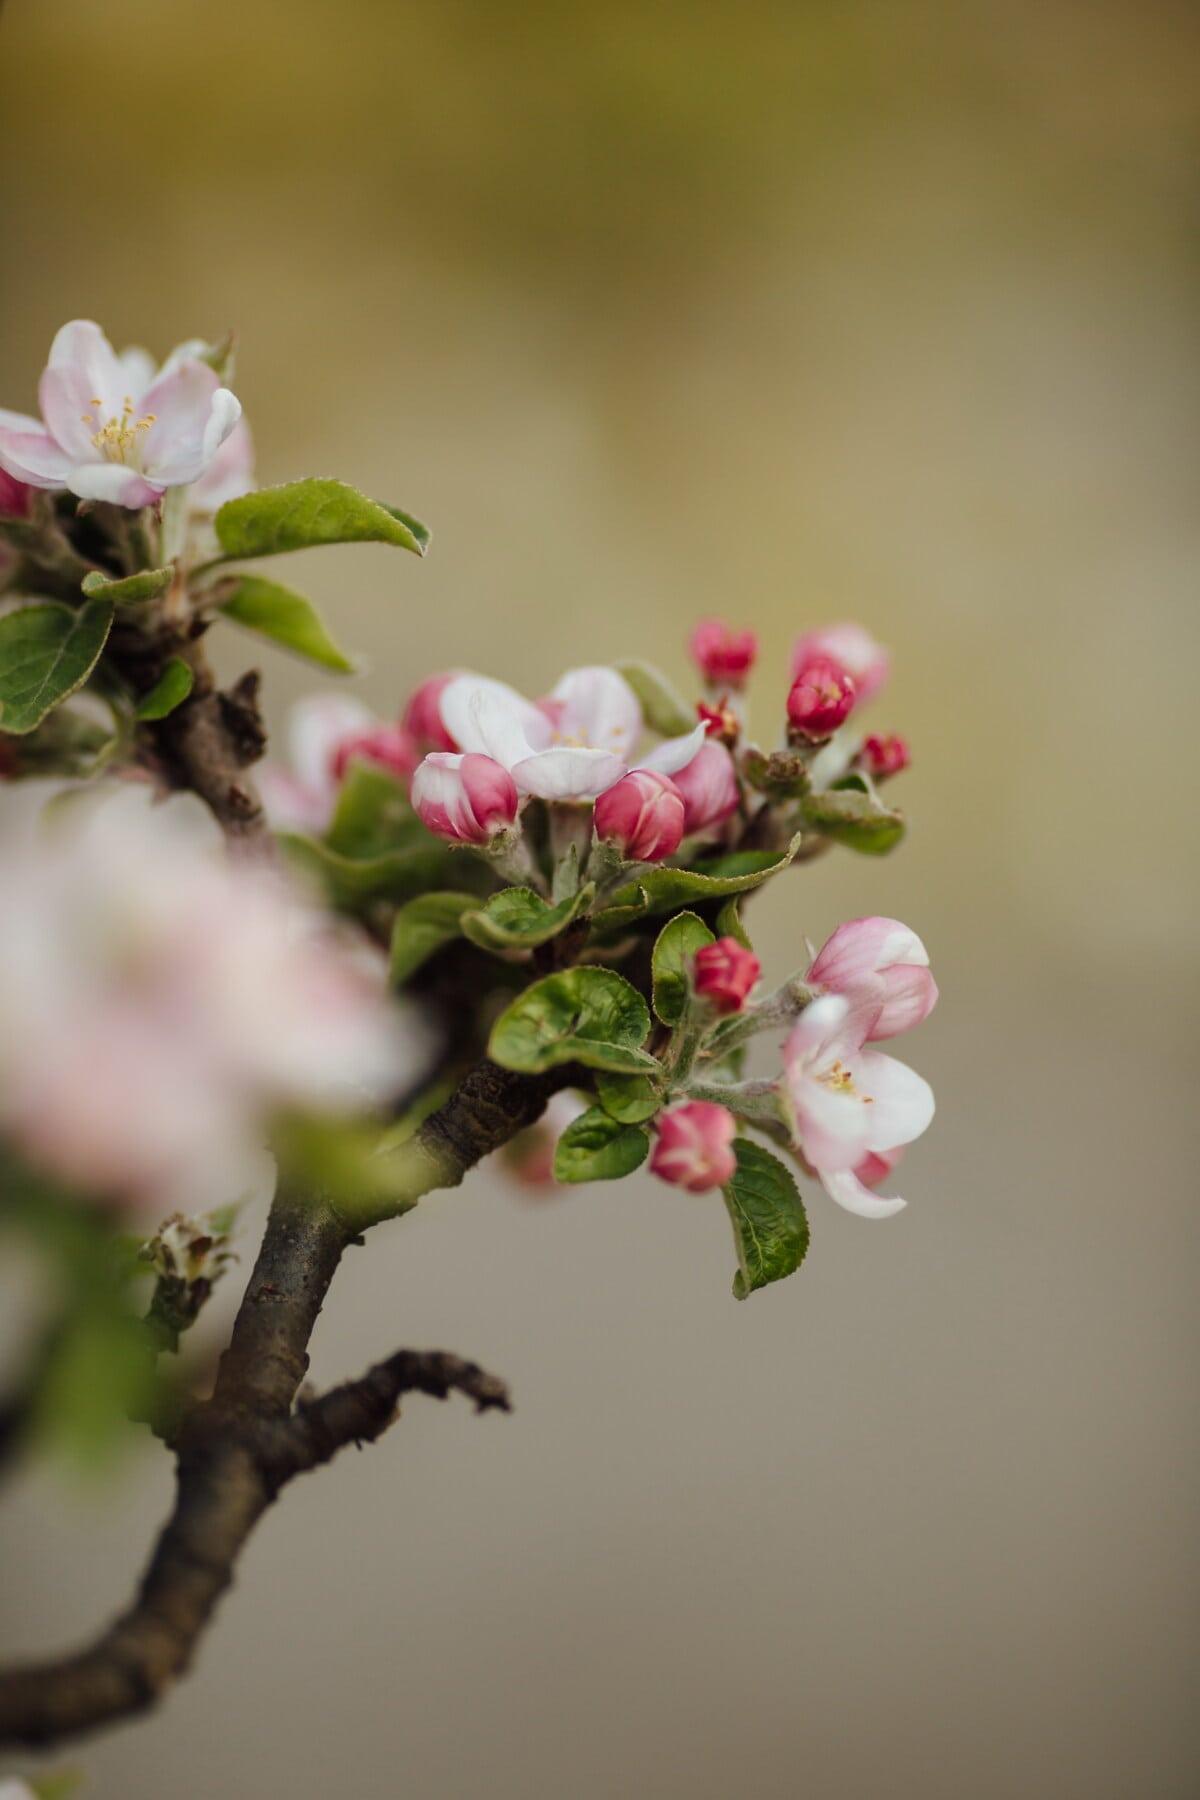 Blüte, Obstgarten, Obstbaum, Apfelbaum, Frühling, Blüte, Frühling, Apfel, Blütenblatt, Blume